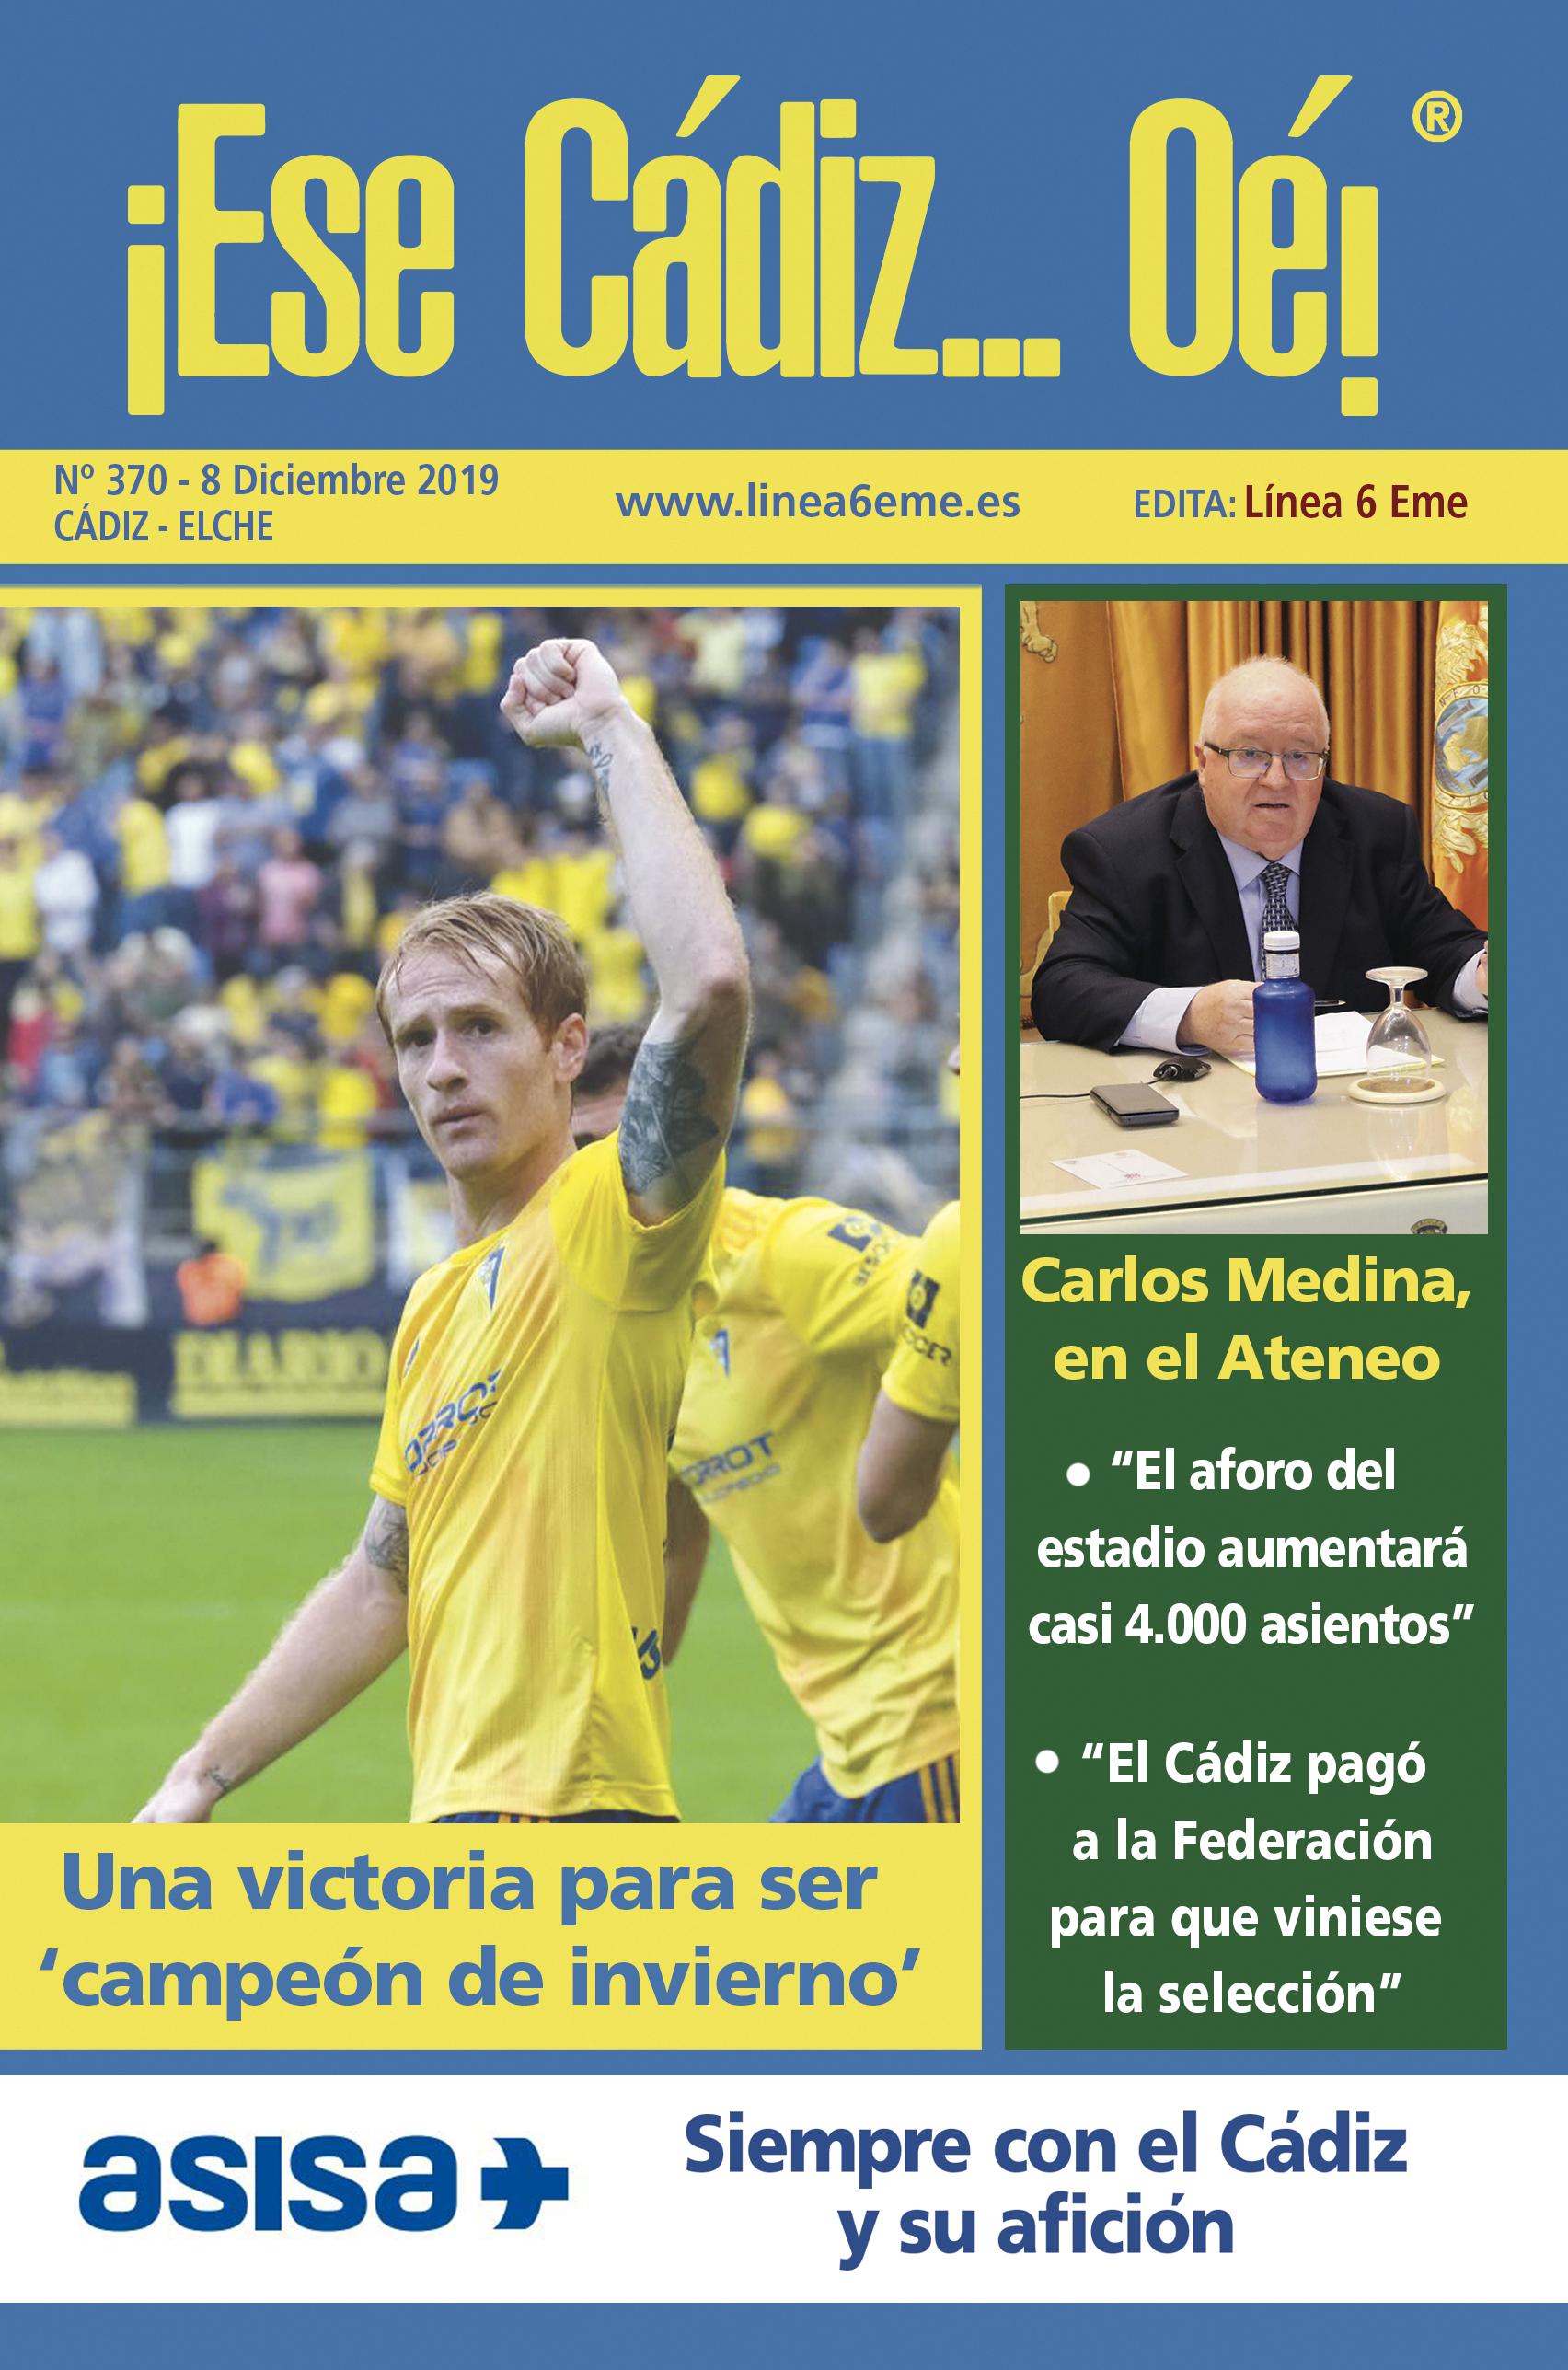 ¡Ese Cádiz…Oé! núm. 370 Temporada 2019/20